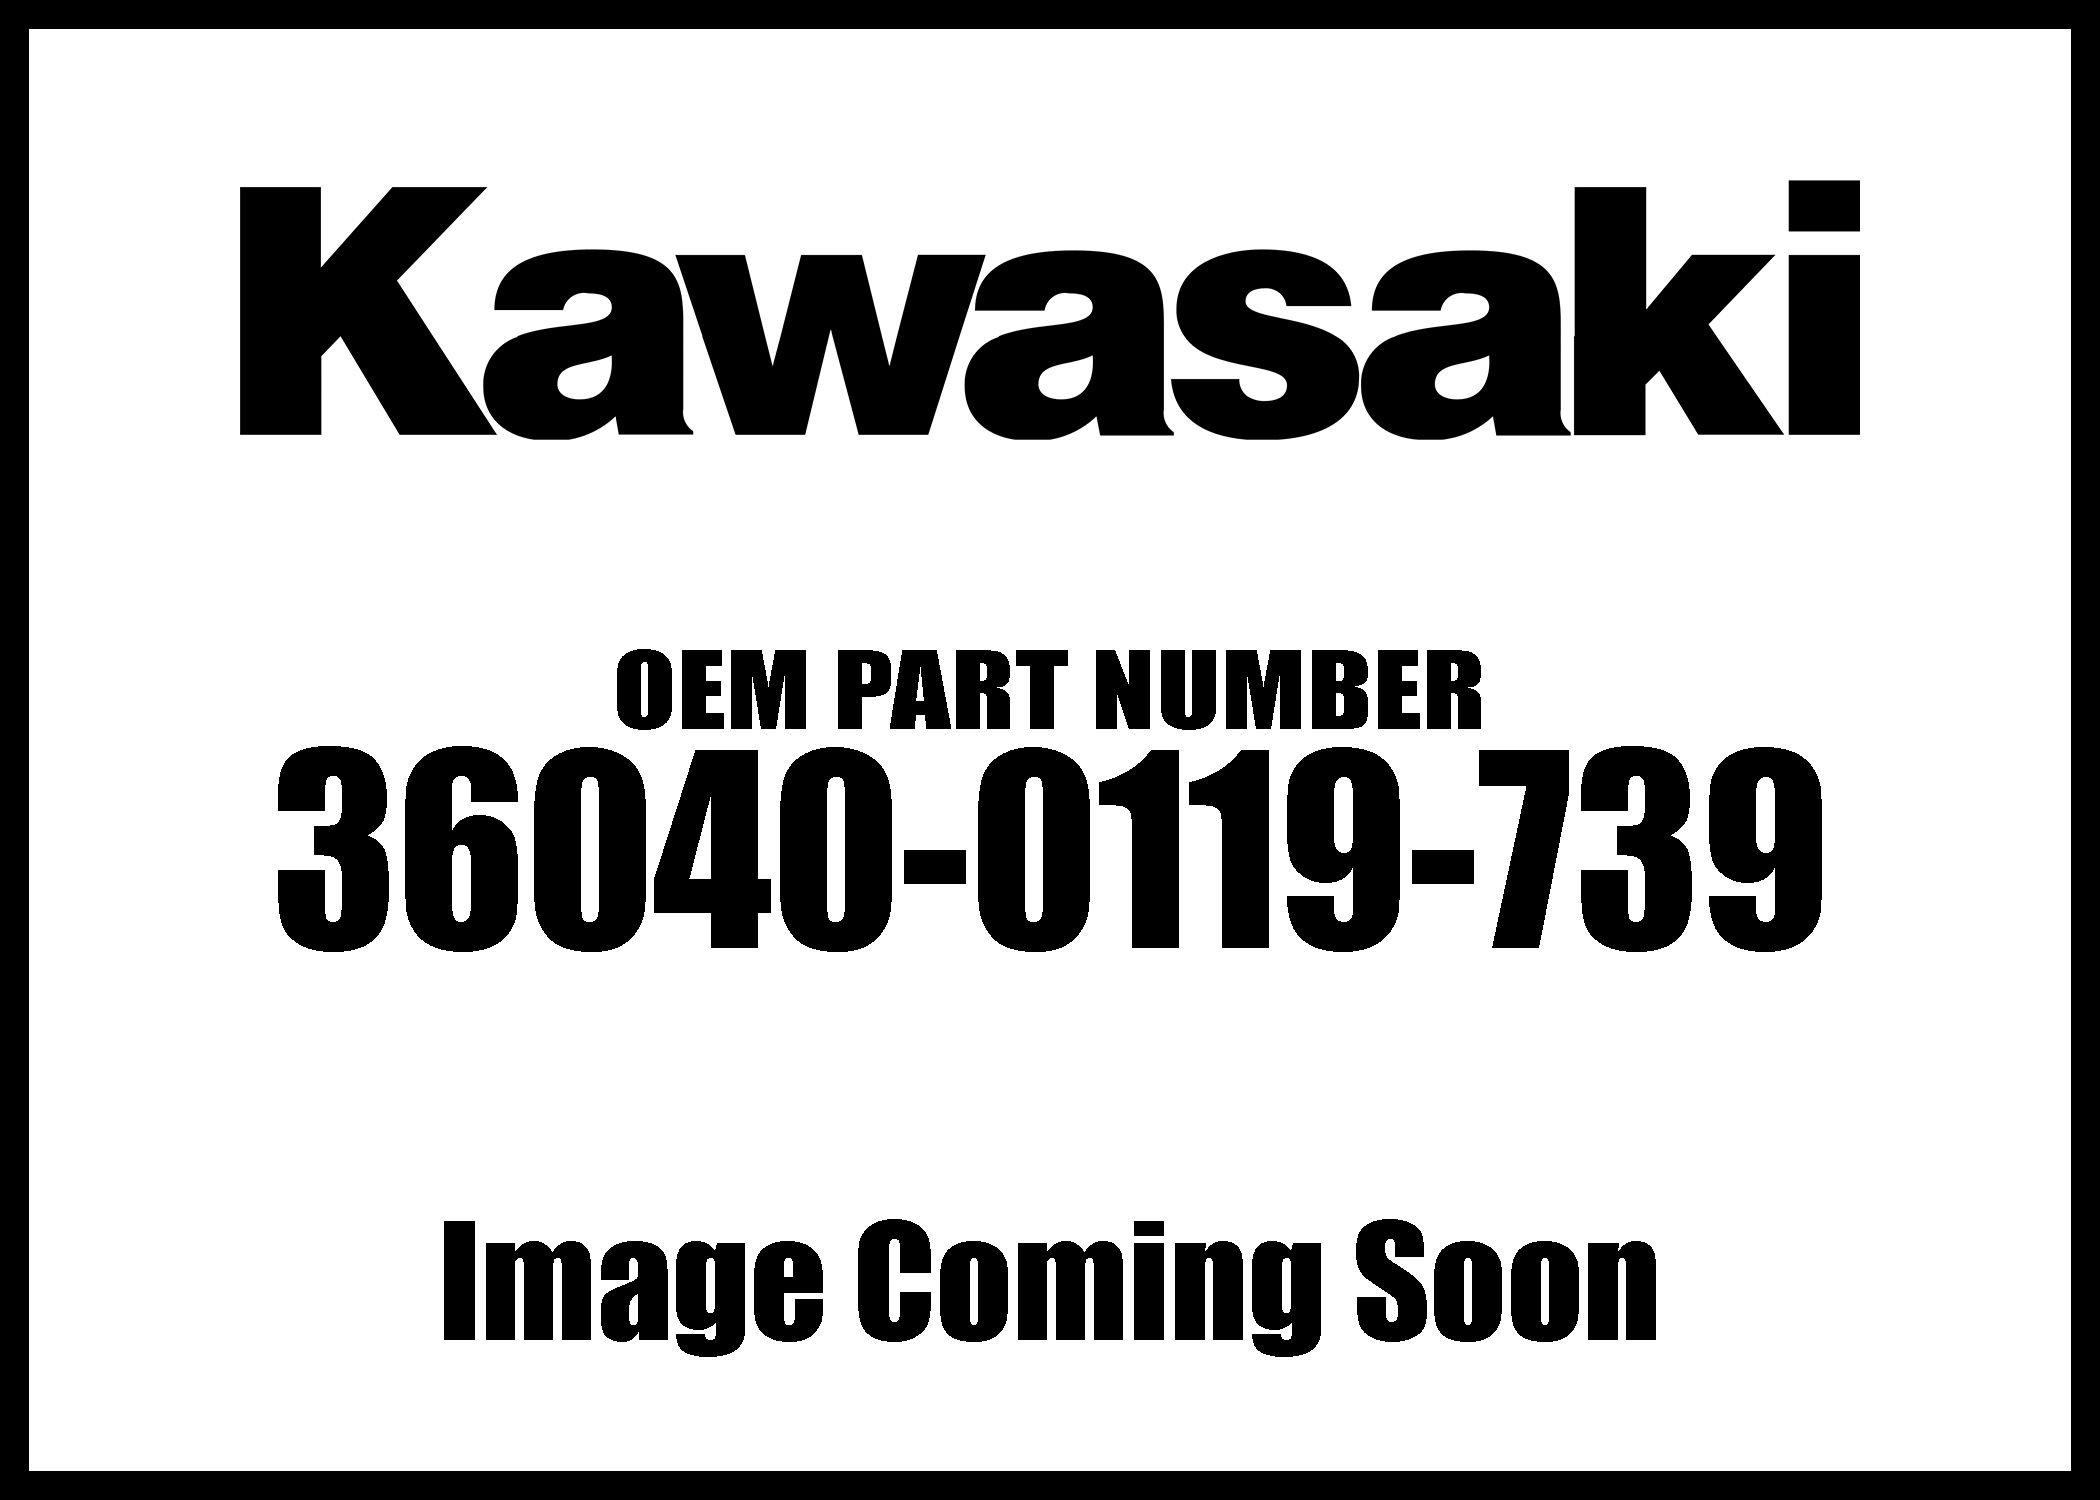 Kawasaki 2013 Ninja 650 Ninja 650 Abs Tail M F S B Lh Cover 36040-0119-739 New Oem